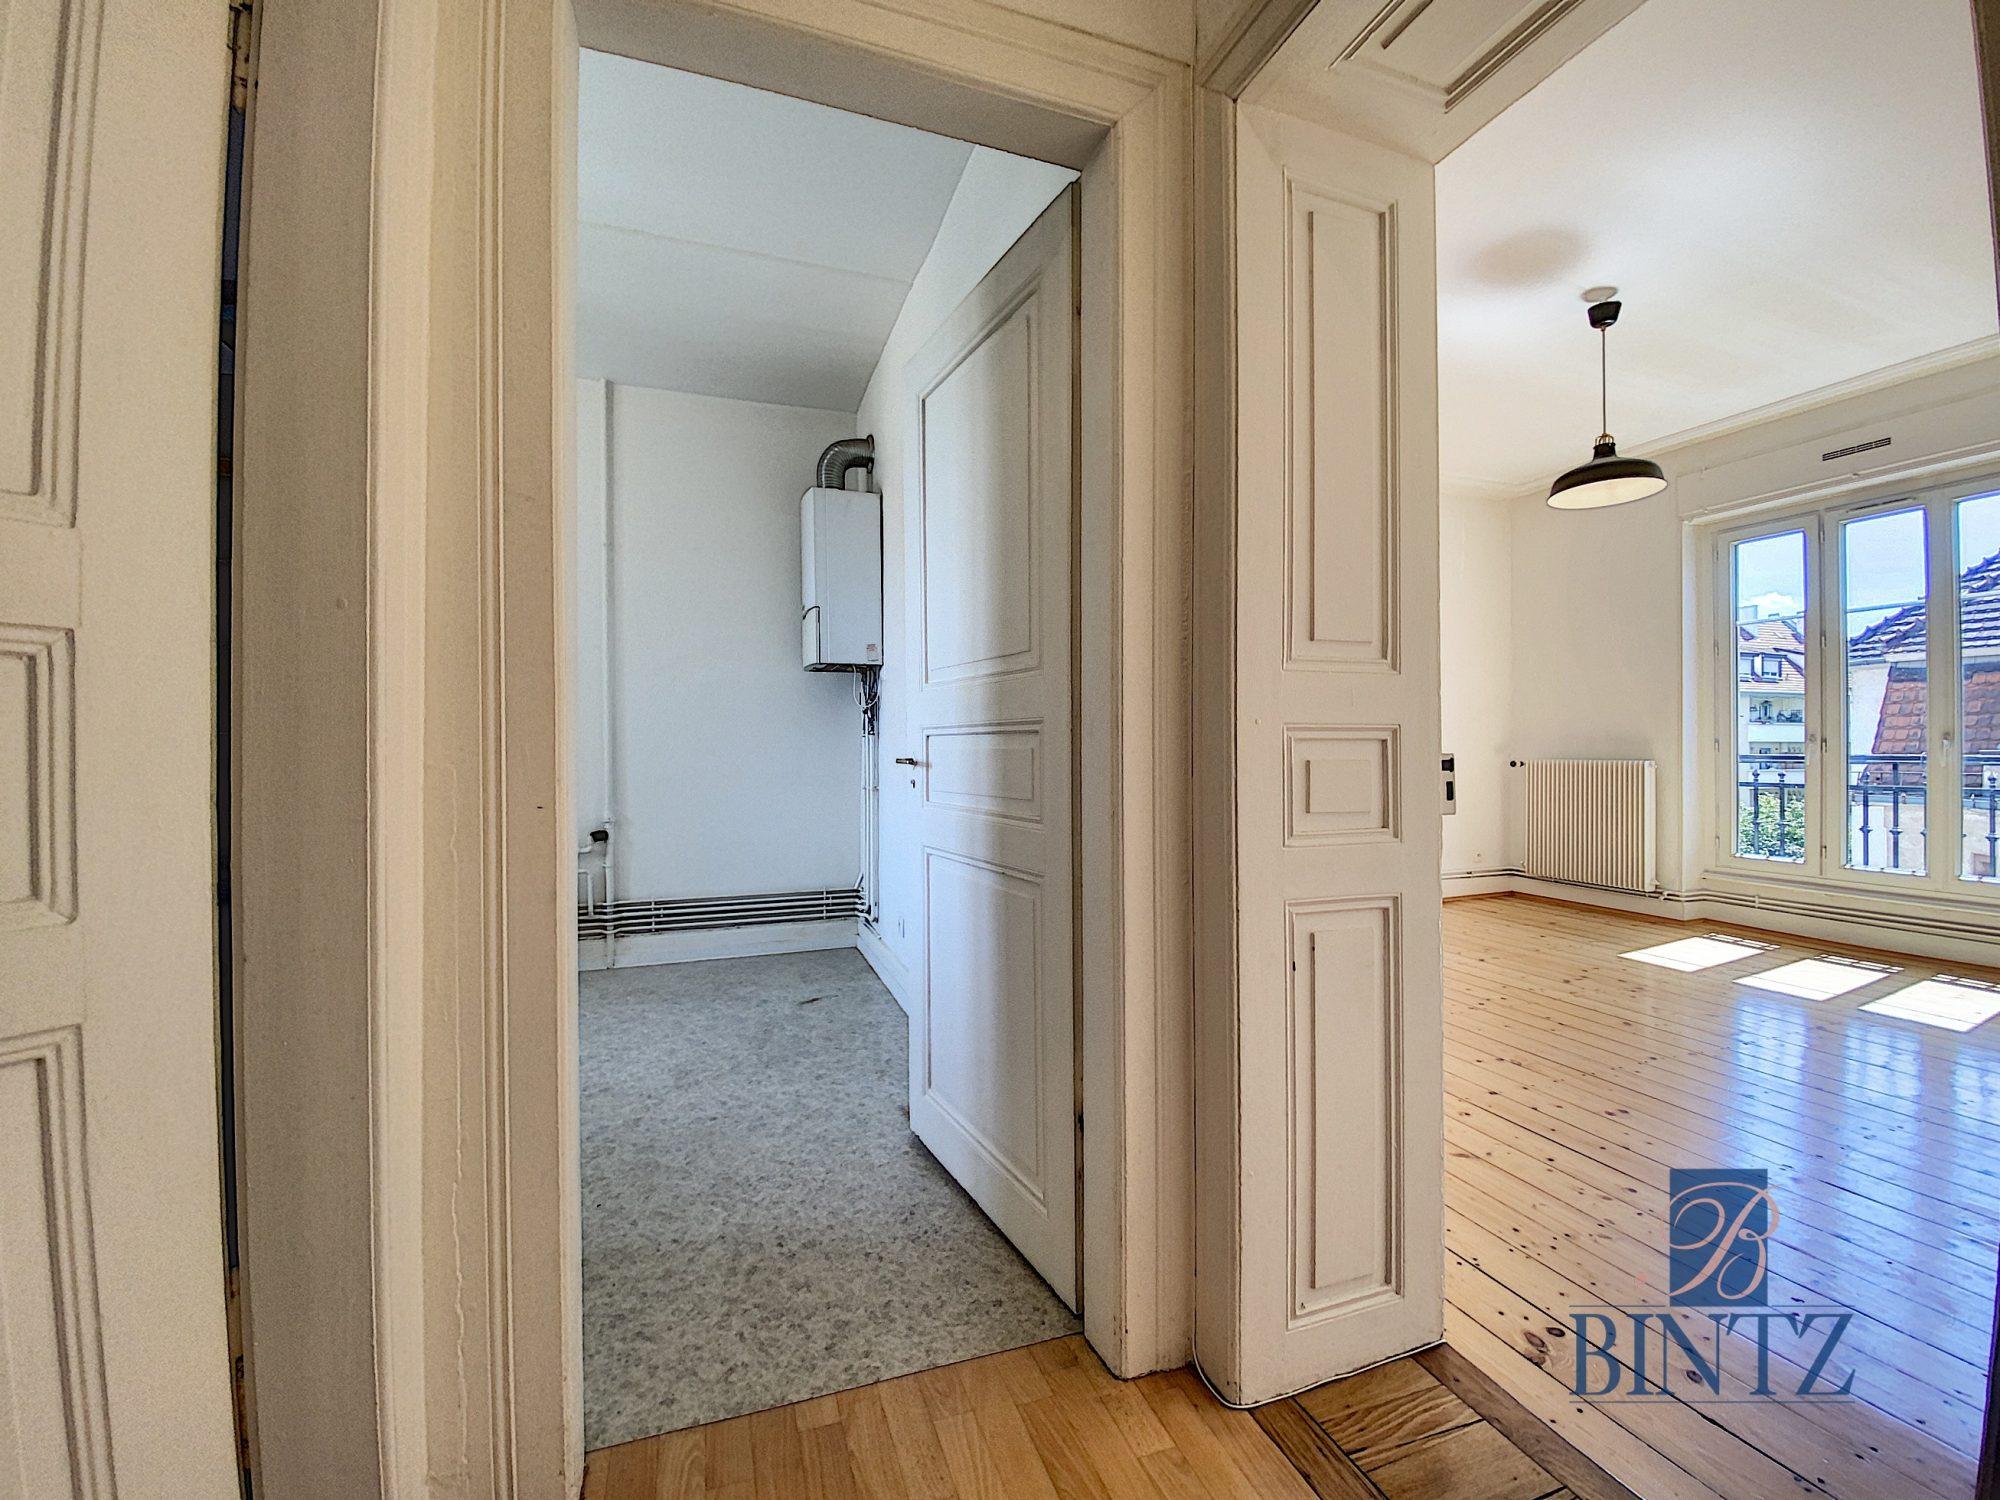 2 PIÈCES NEUDORF - Devenez locataire en toute sérénité - Bintz Immobilier - 14